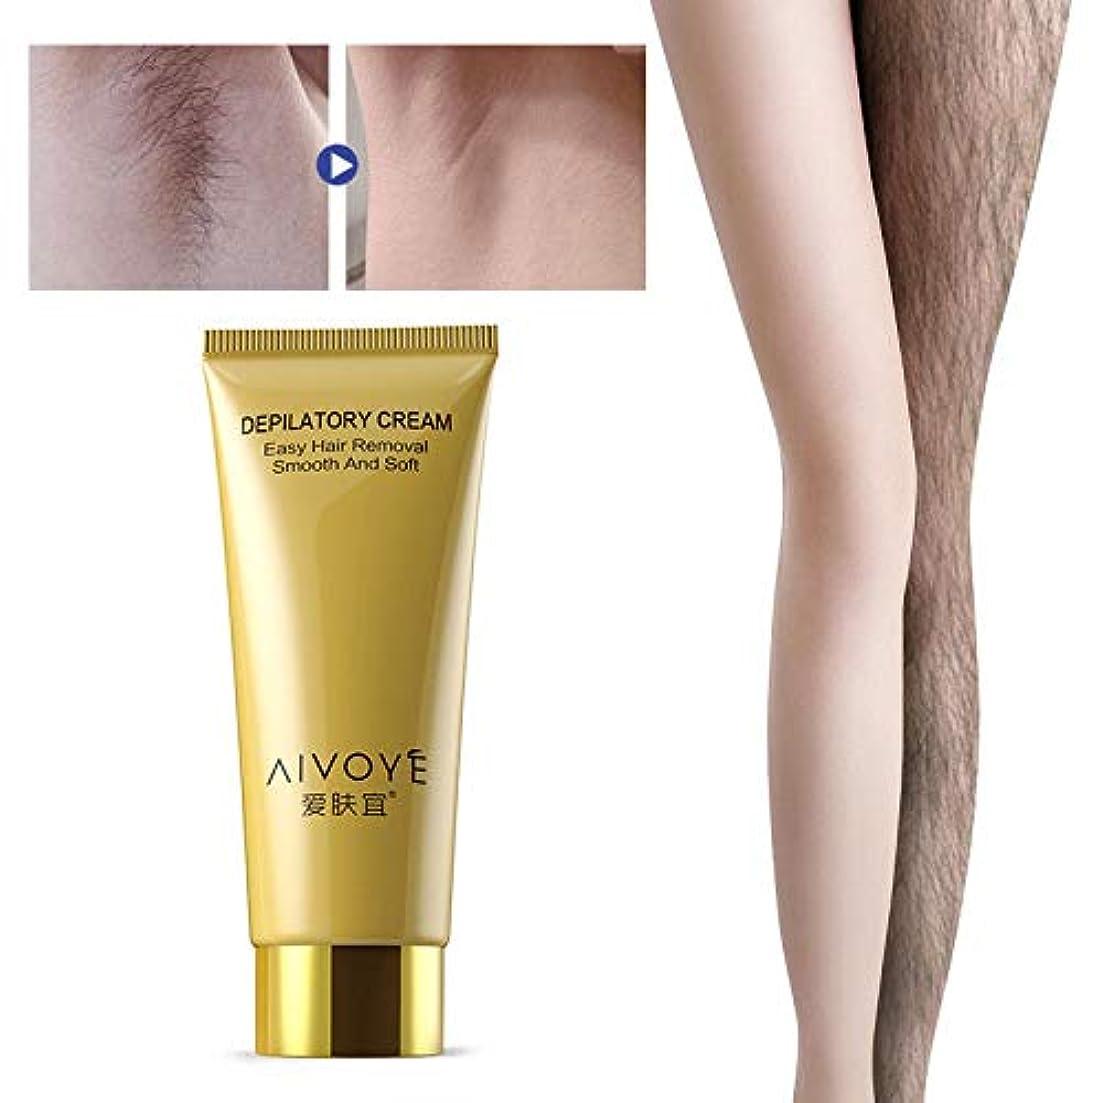 遠洋のフラフープ操るRabugoo 60g男性女性安全な痛みを抑える脱毛クリーム脚の体のための滑らかな肌の脱毛クリーム